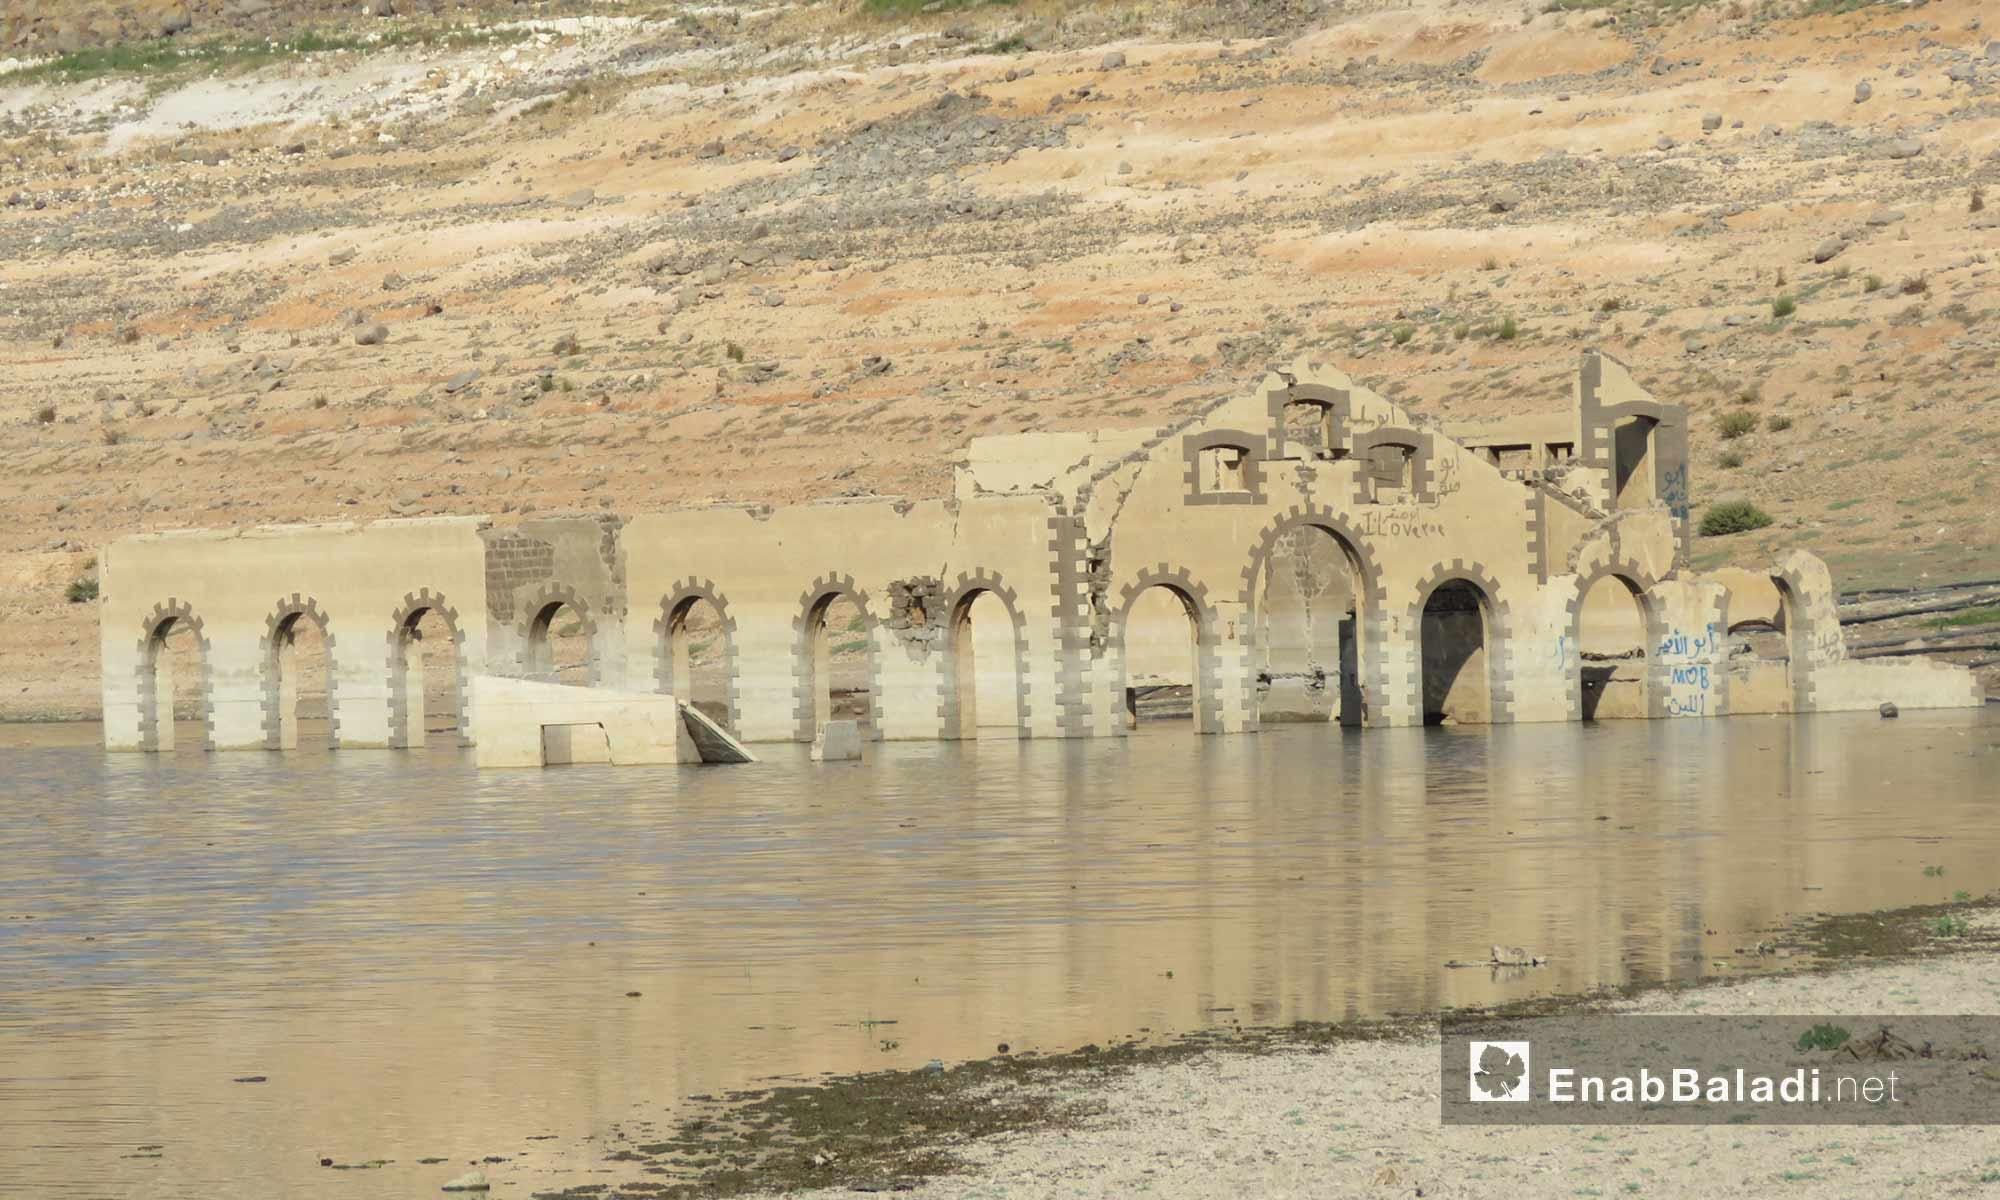 بناء أثري ظهر لدى جفاف منسوب بحيرة سد الرستن في ريف حمص الشمالي - 9 أيلول 2017 (عنب بلدي)